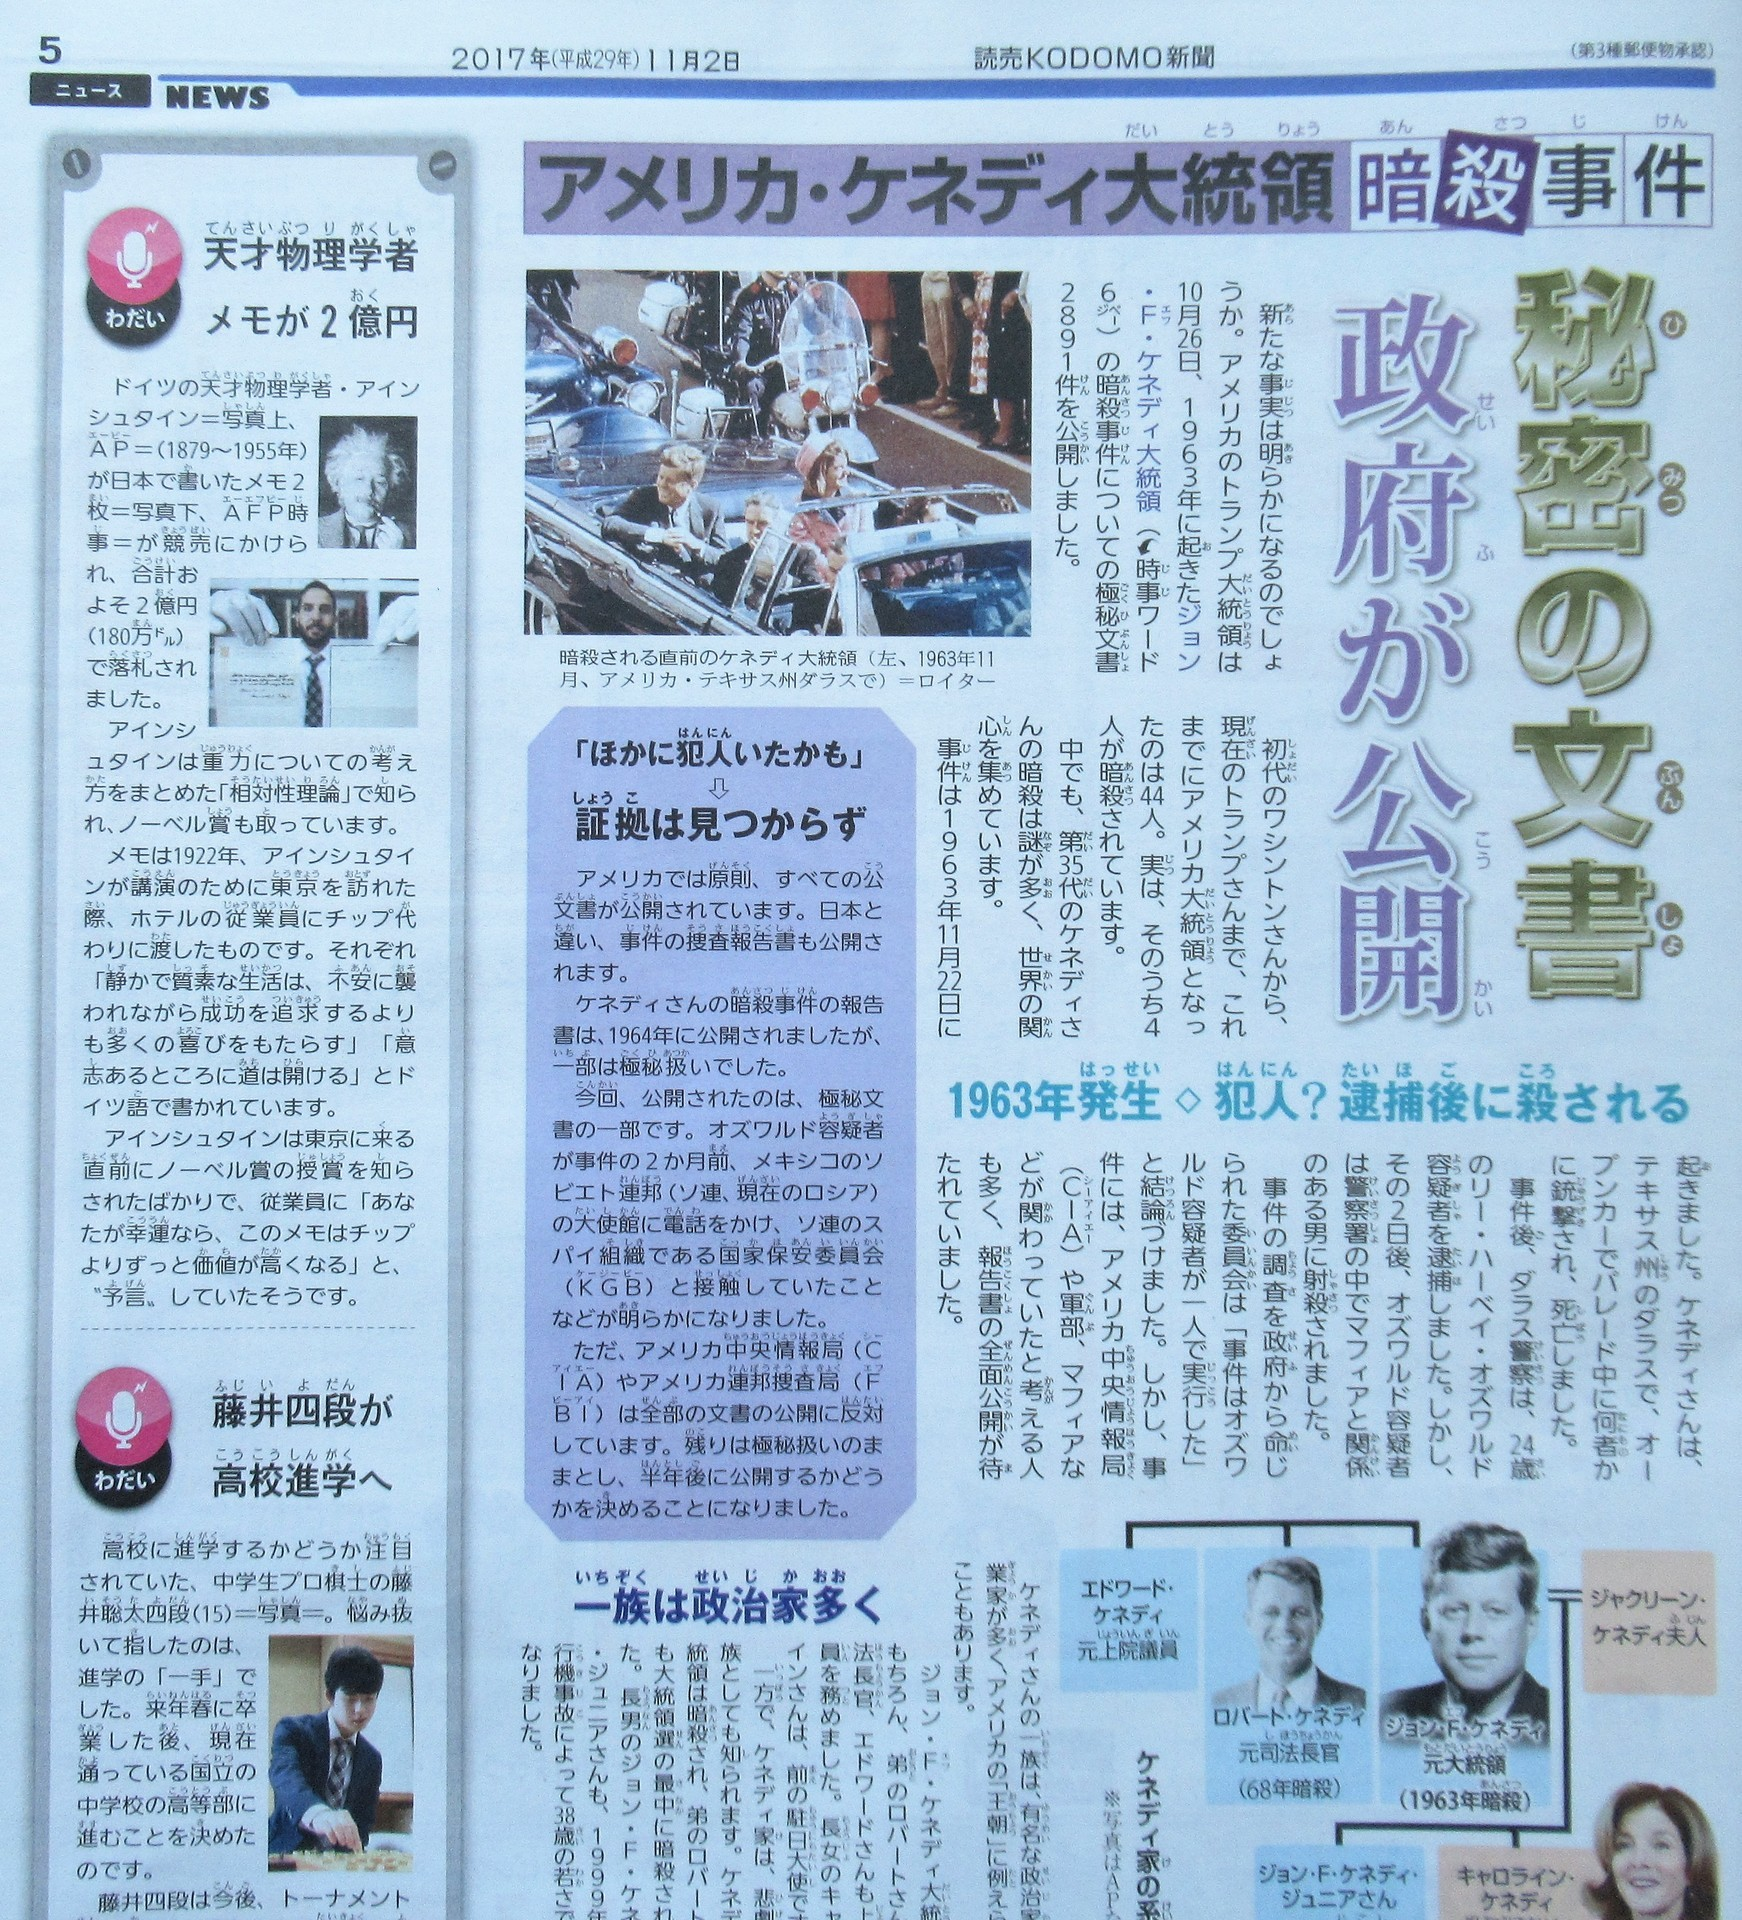 読売子ども新聞世界ニュース.JPG